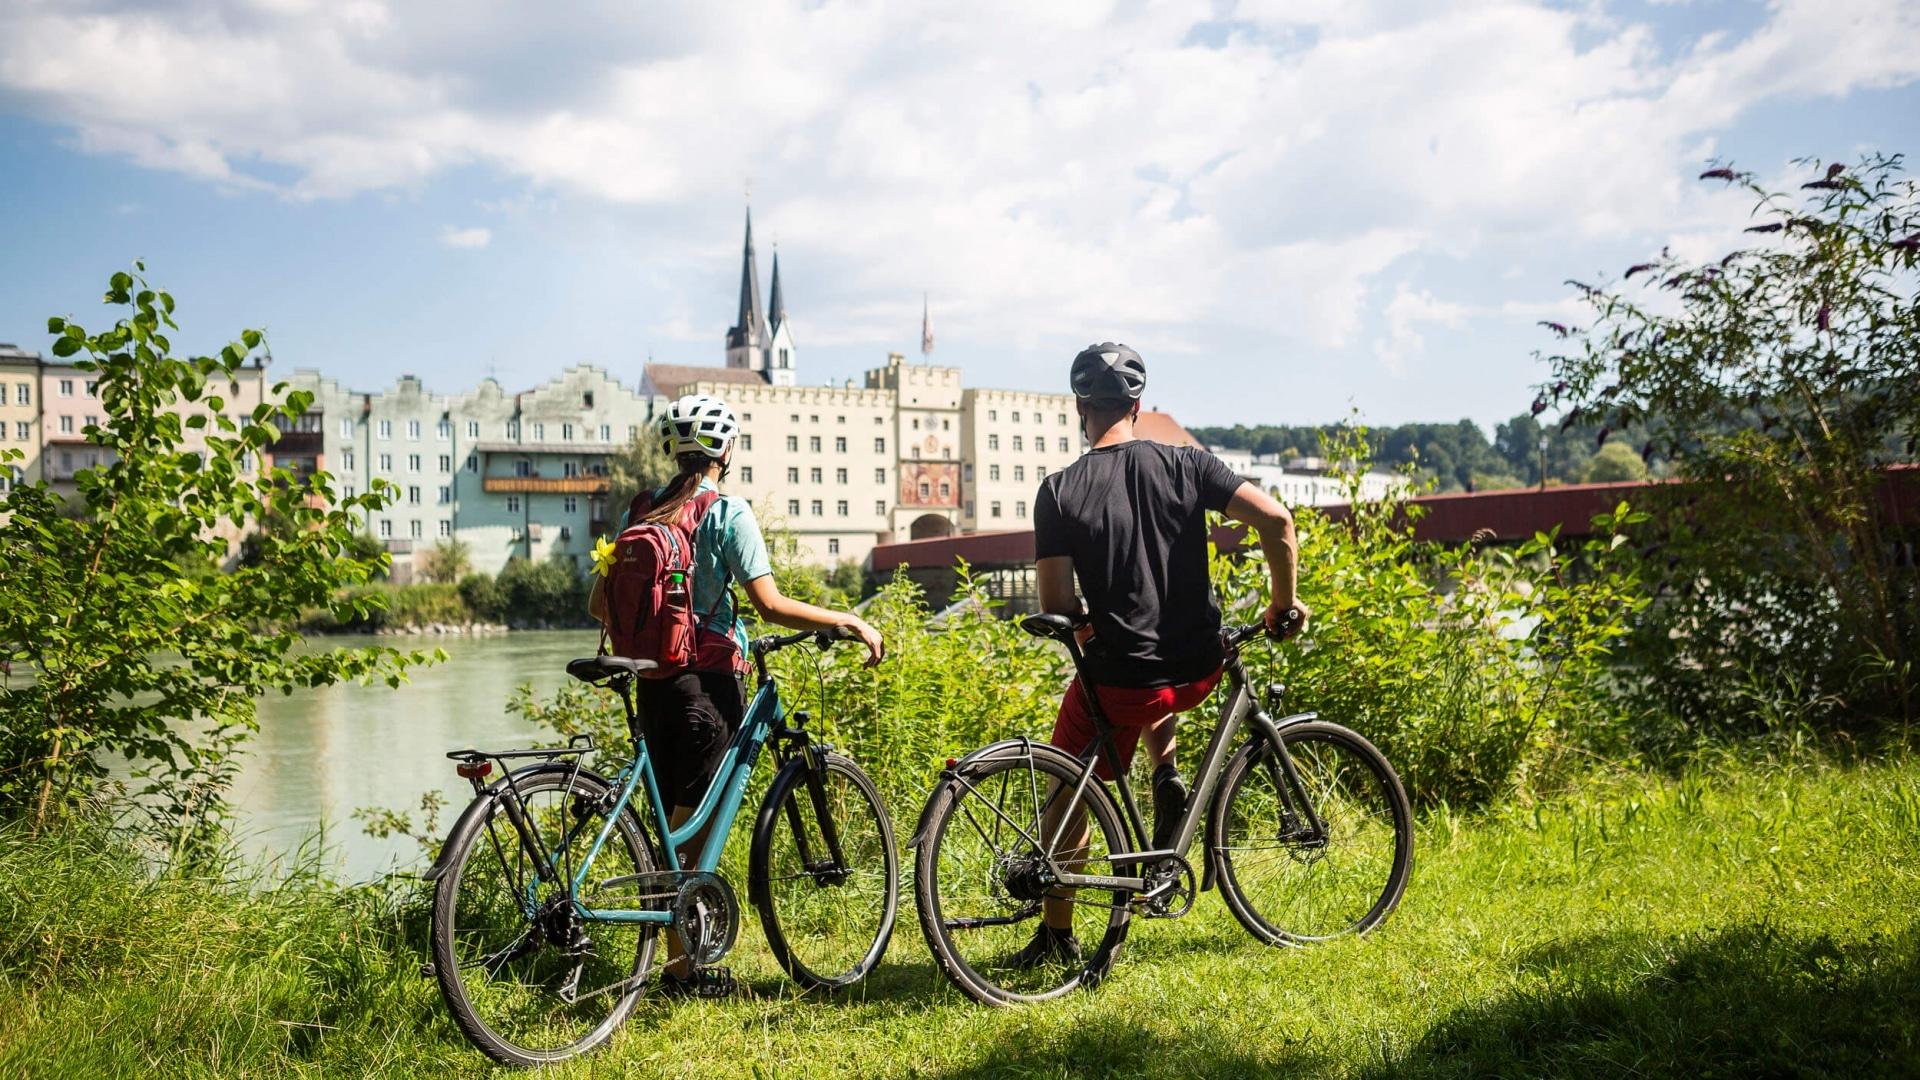 Radfahrer mit Blick auf Wasserburg am Inn © Velontour